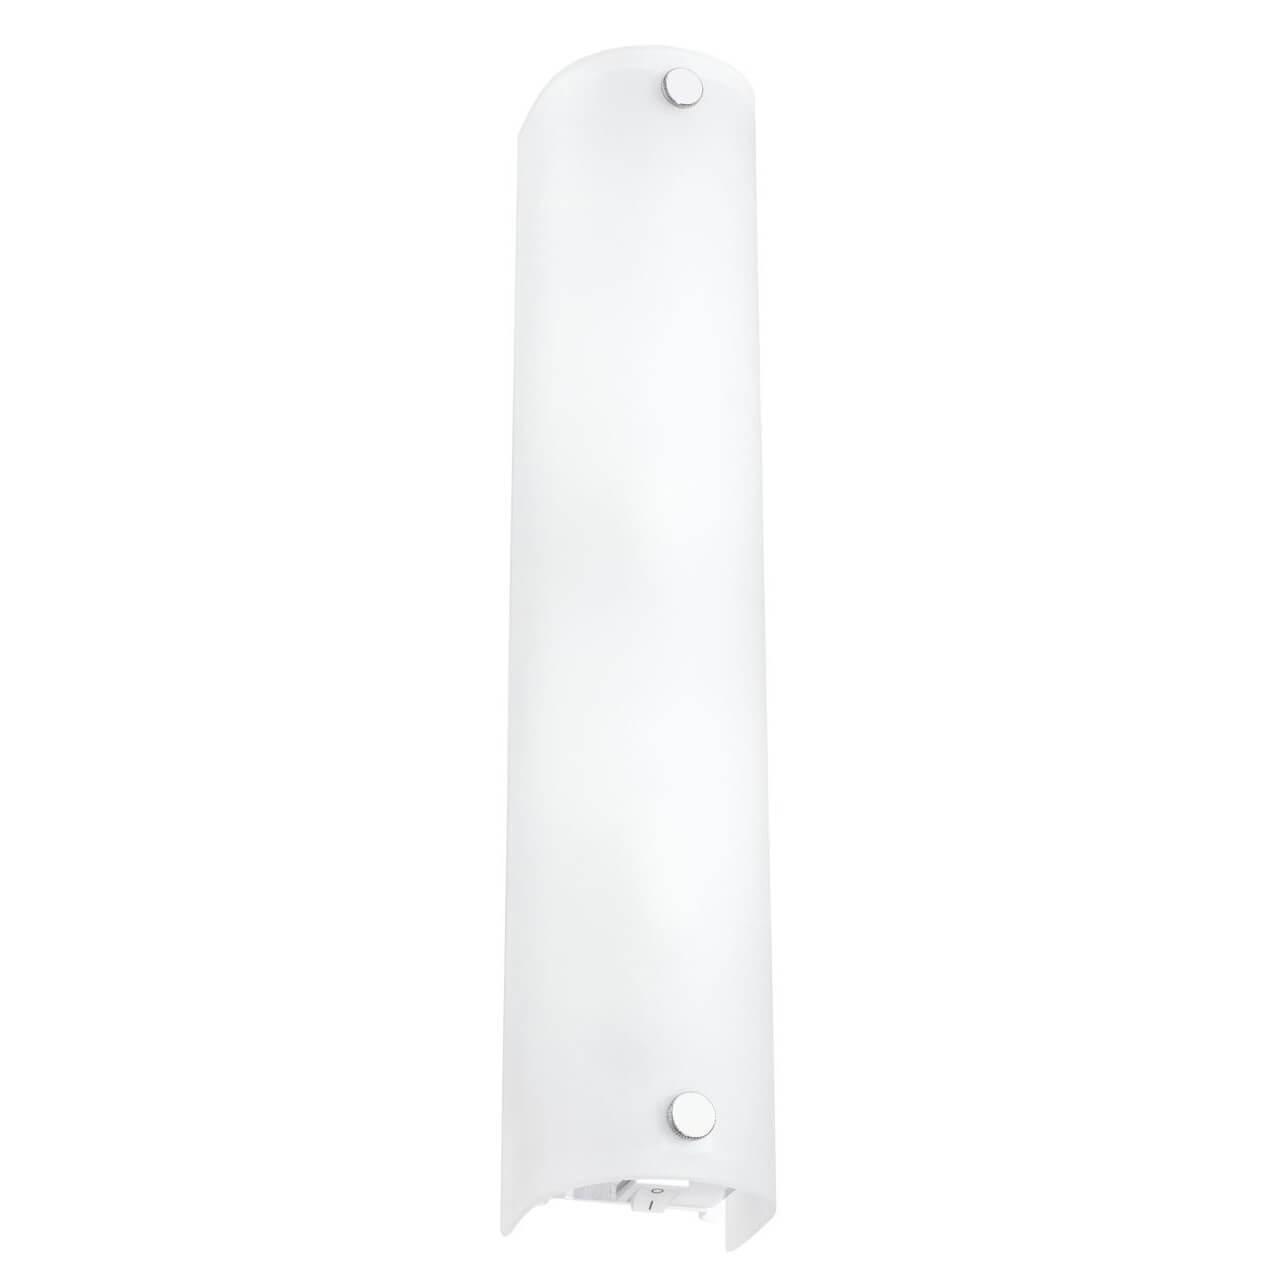 Светильник Eglo 85338 Mono накладной светильник eglo mono 85338